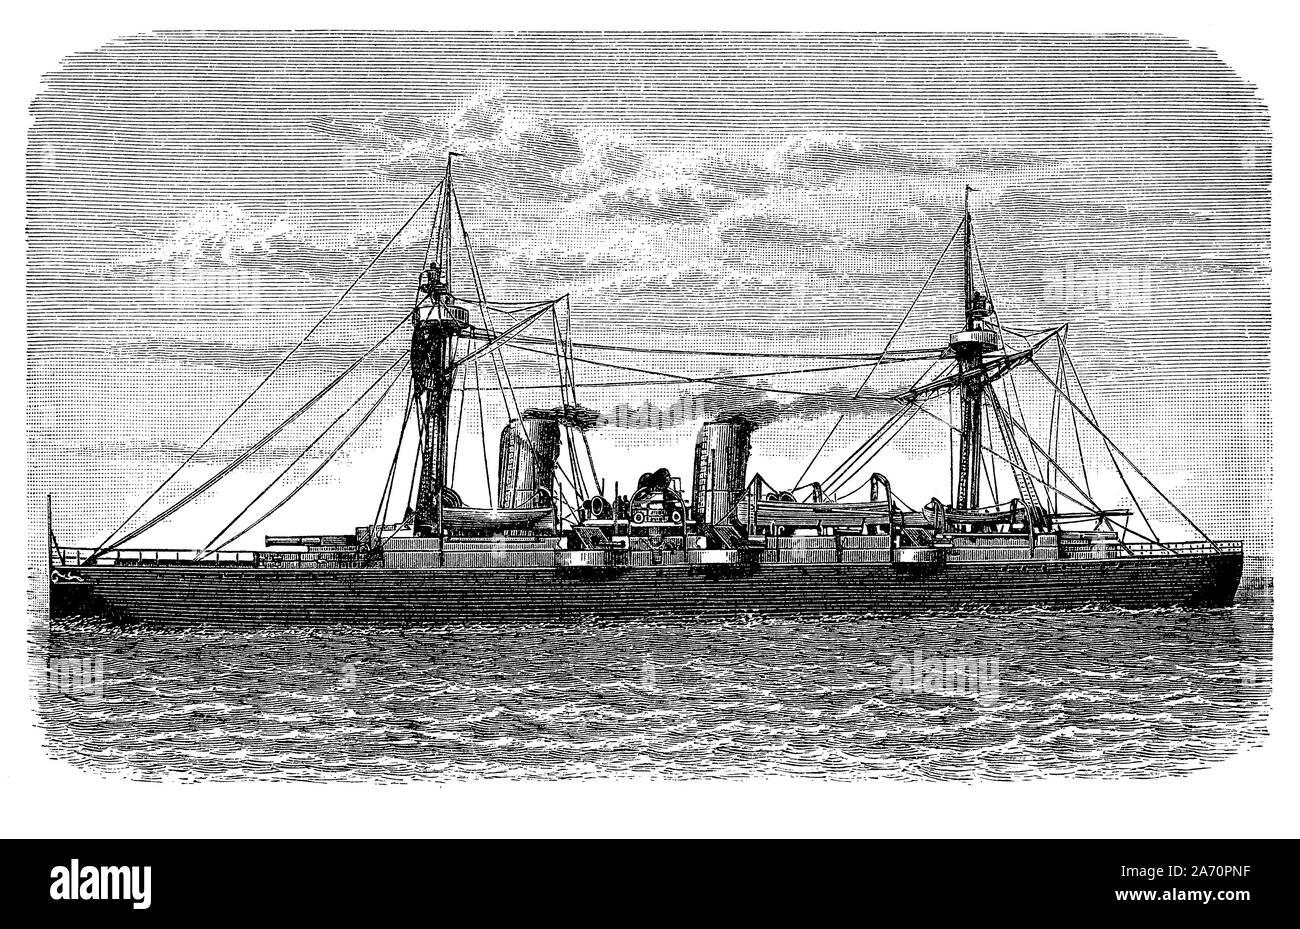 Crucero chileno Esmeralda se inició en 1883 con una cubierta blindada combinando artillería pesada, alta velocidad y bajo el desplazamiento para el cruiser misiones de patrulla rápida Foto de stock